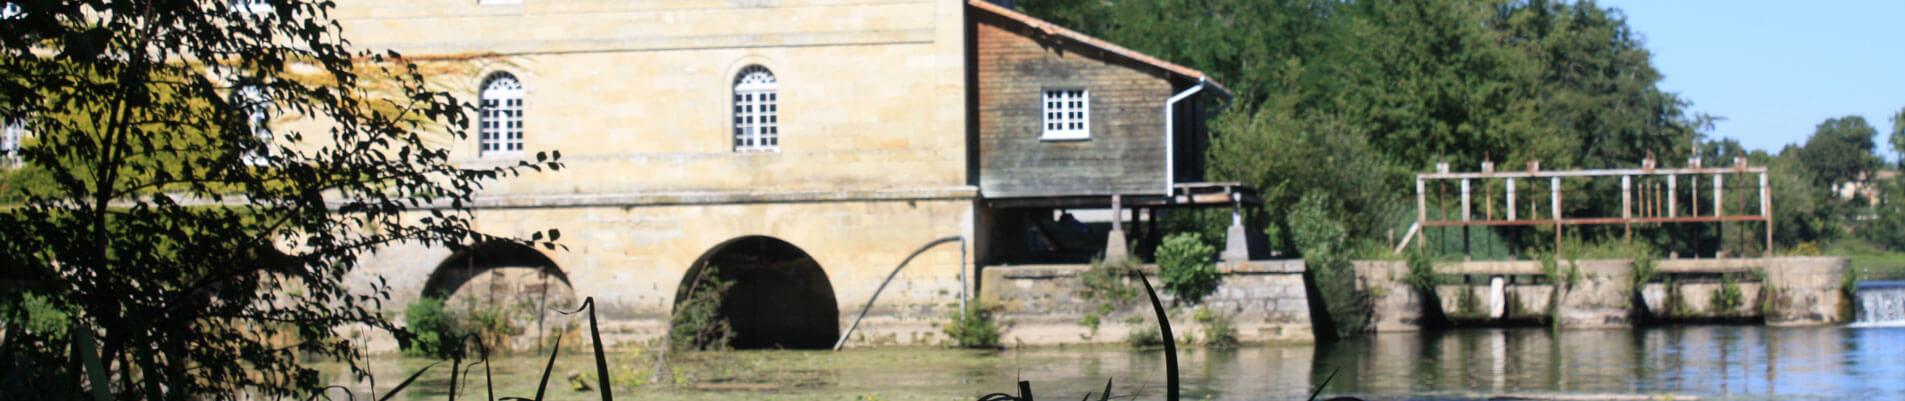 moulin de porcheres dordogne